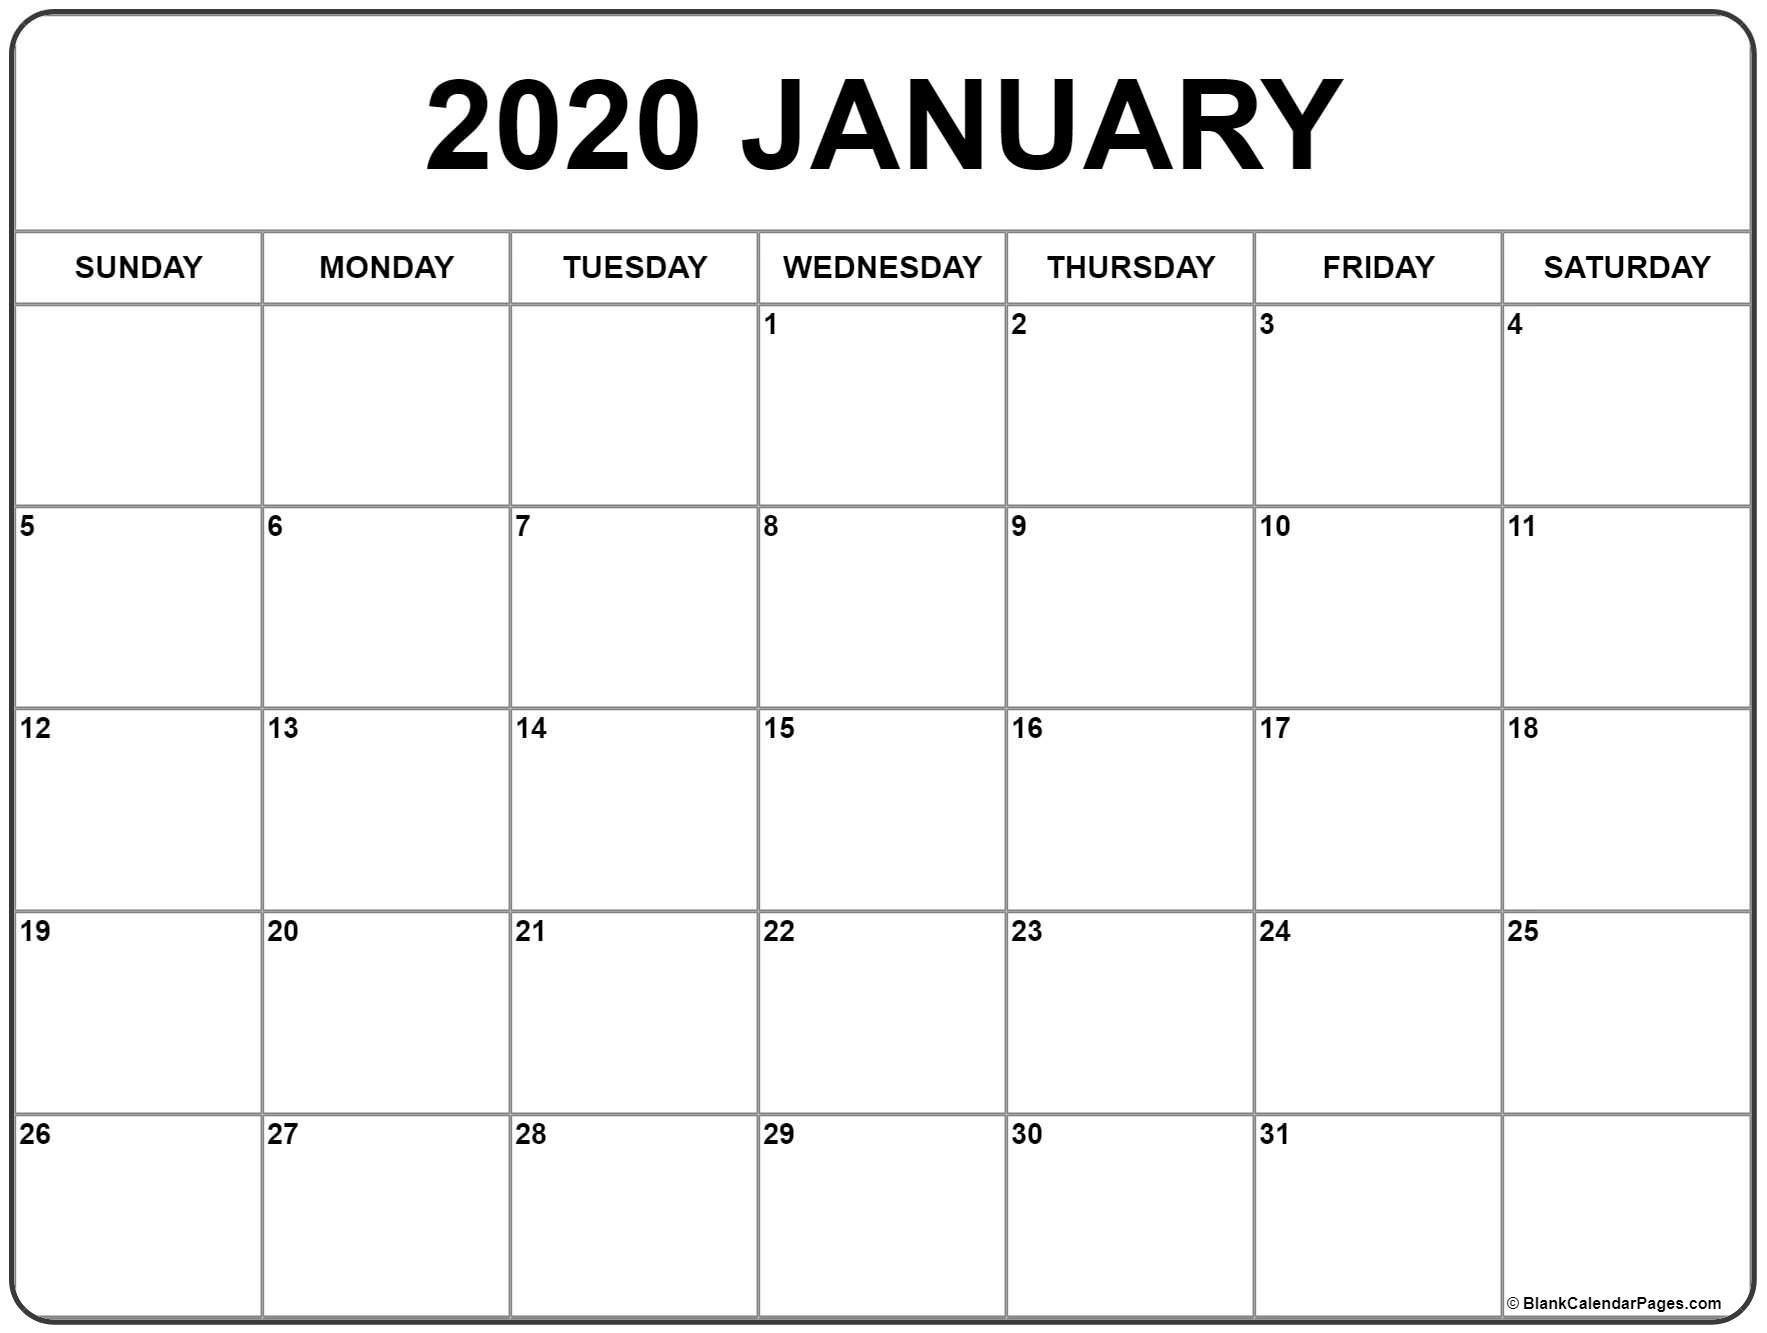 January 2020 Calendar With Holidays Printable | Calendar